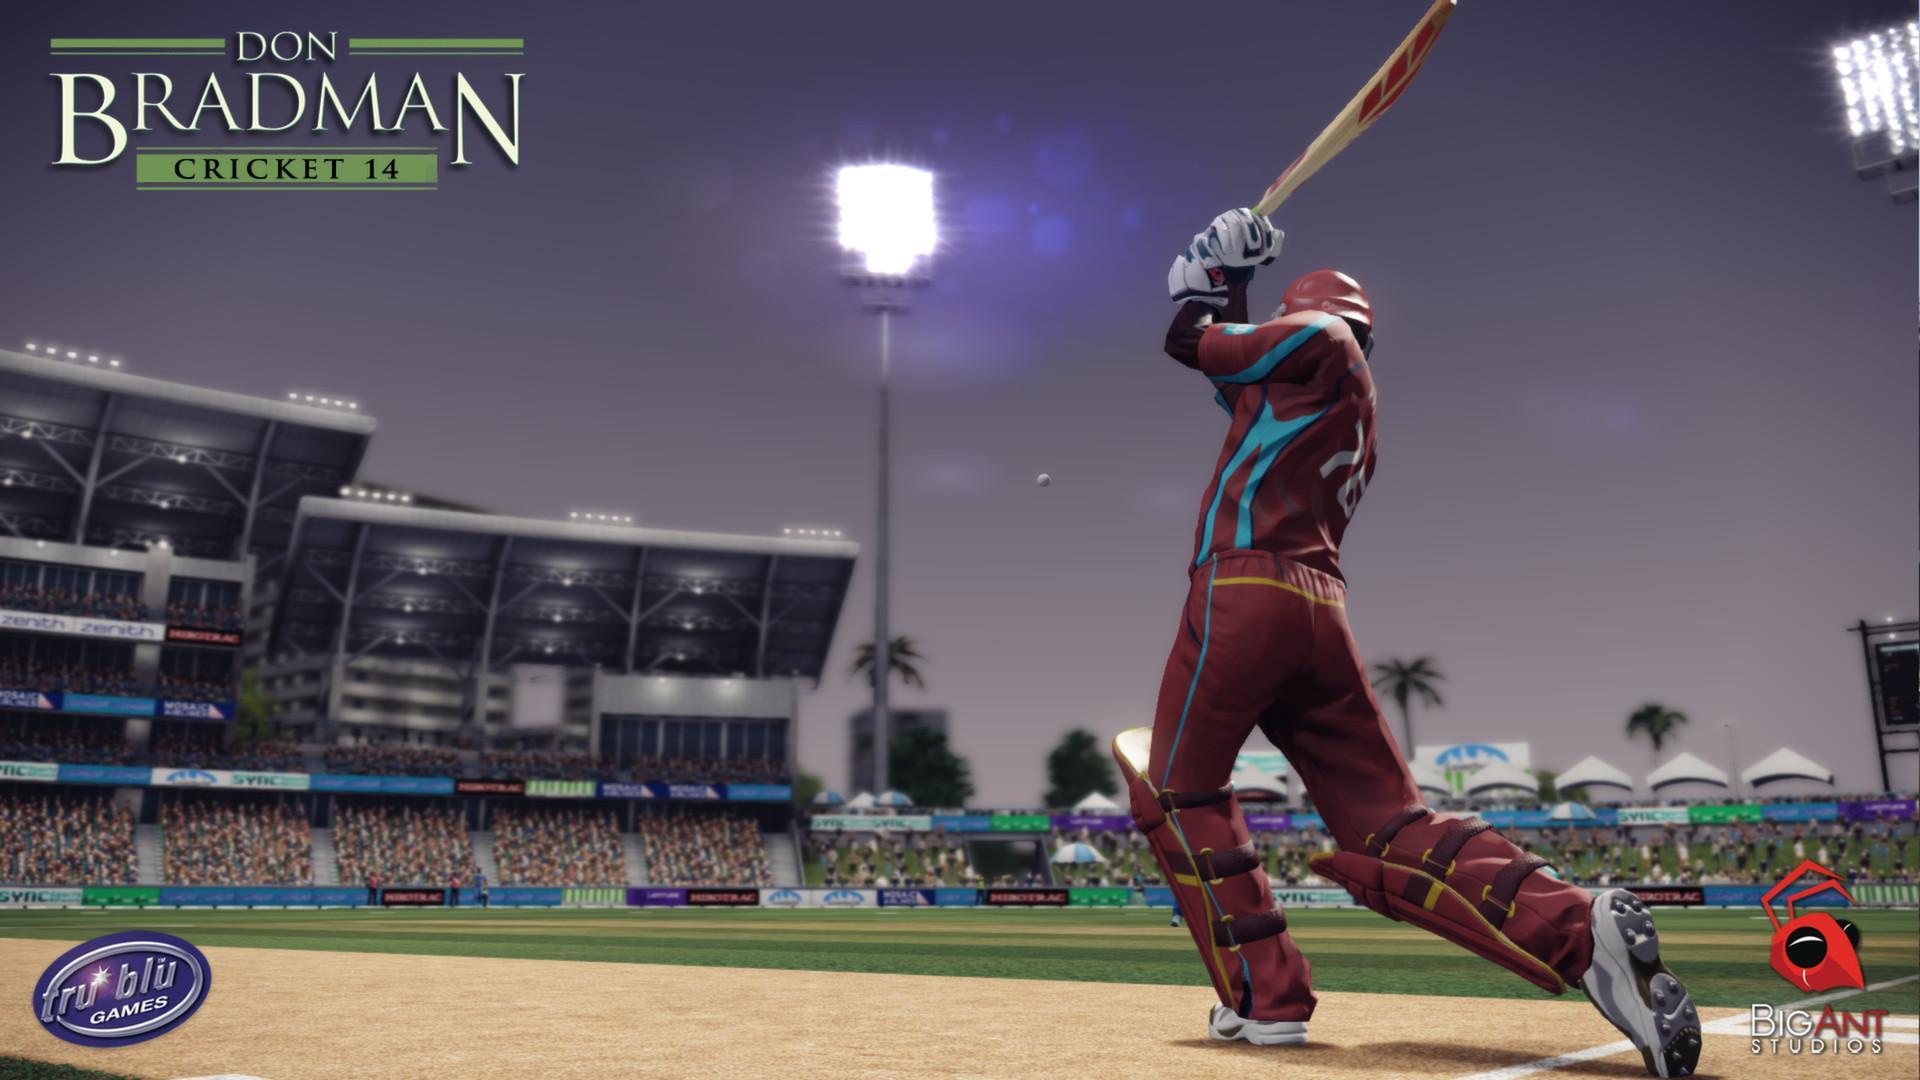 Don Bradman Cricket 14 Free Download Free Download PC windows game